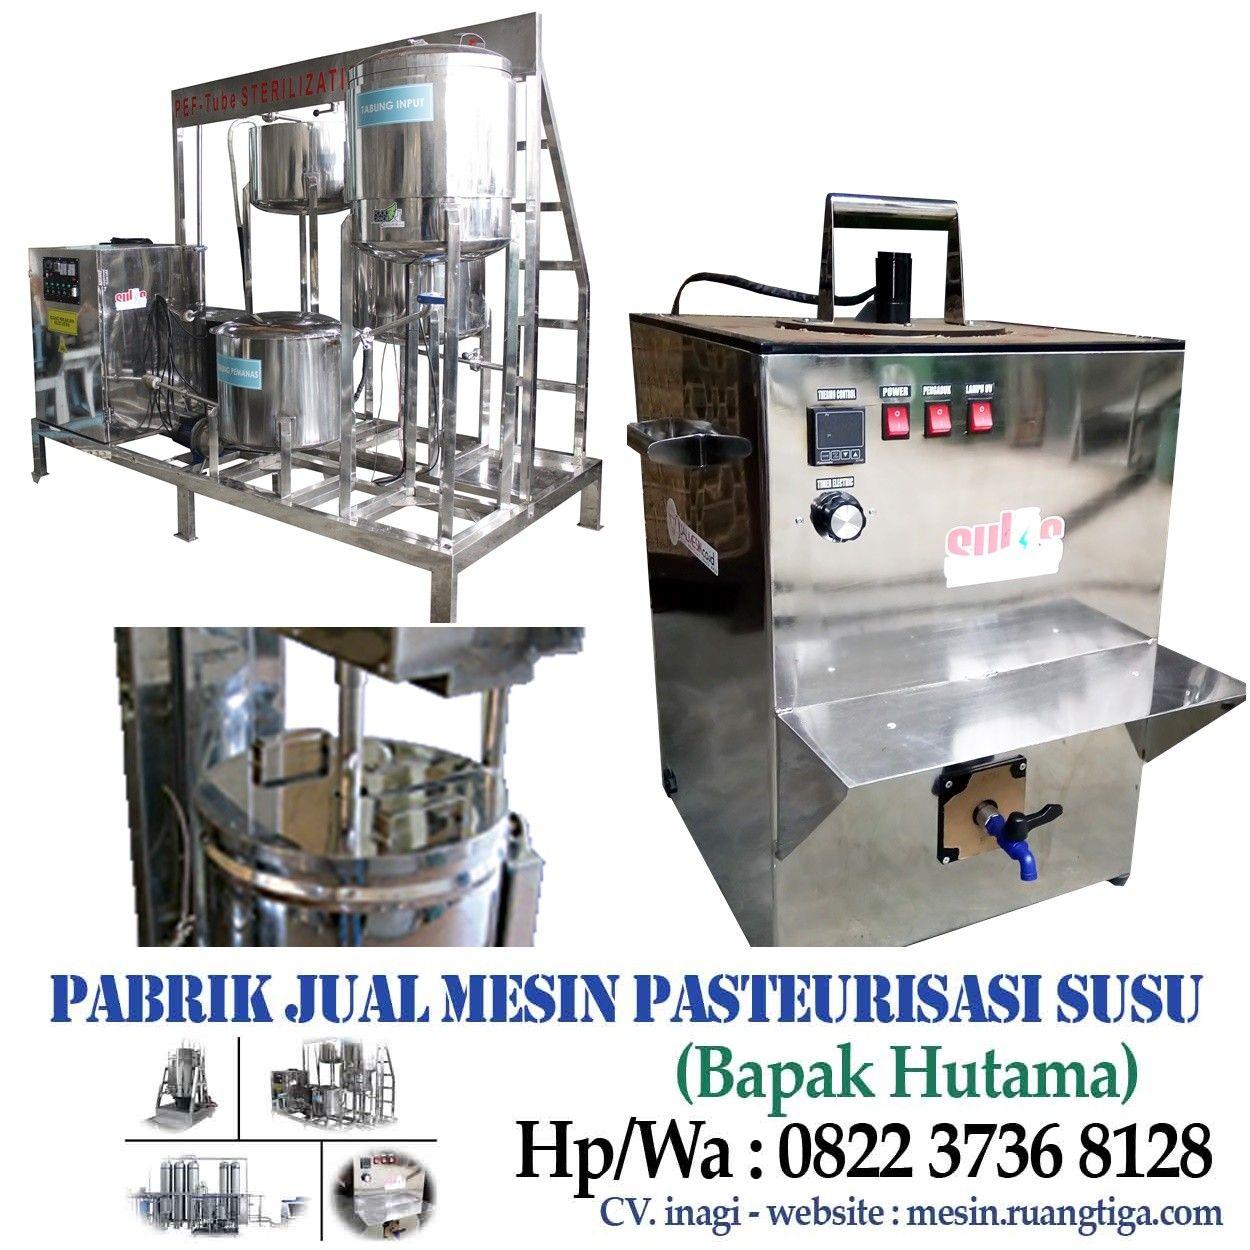 Pin di 082237368128 Jual Mesin Pasteurisasi Susu Sapi